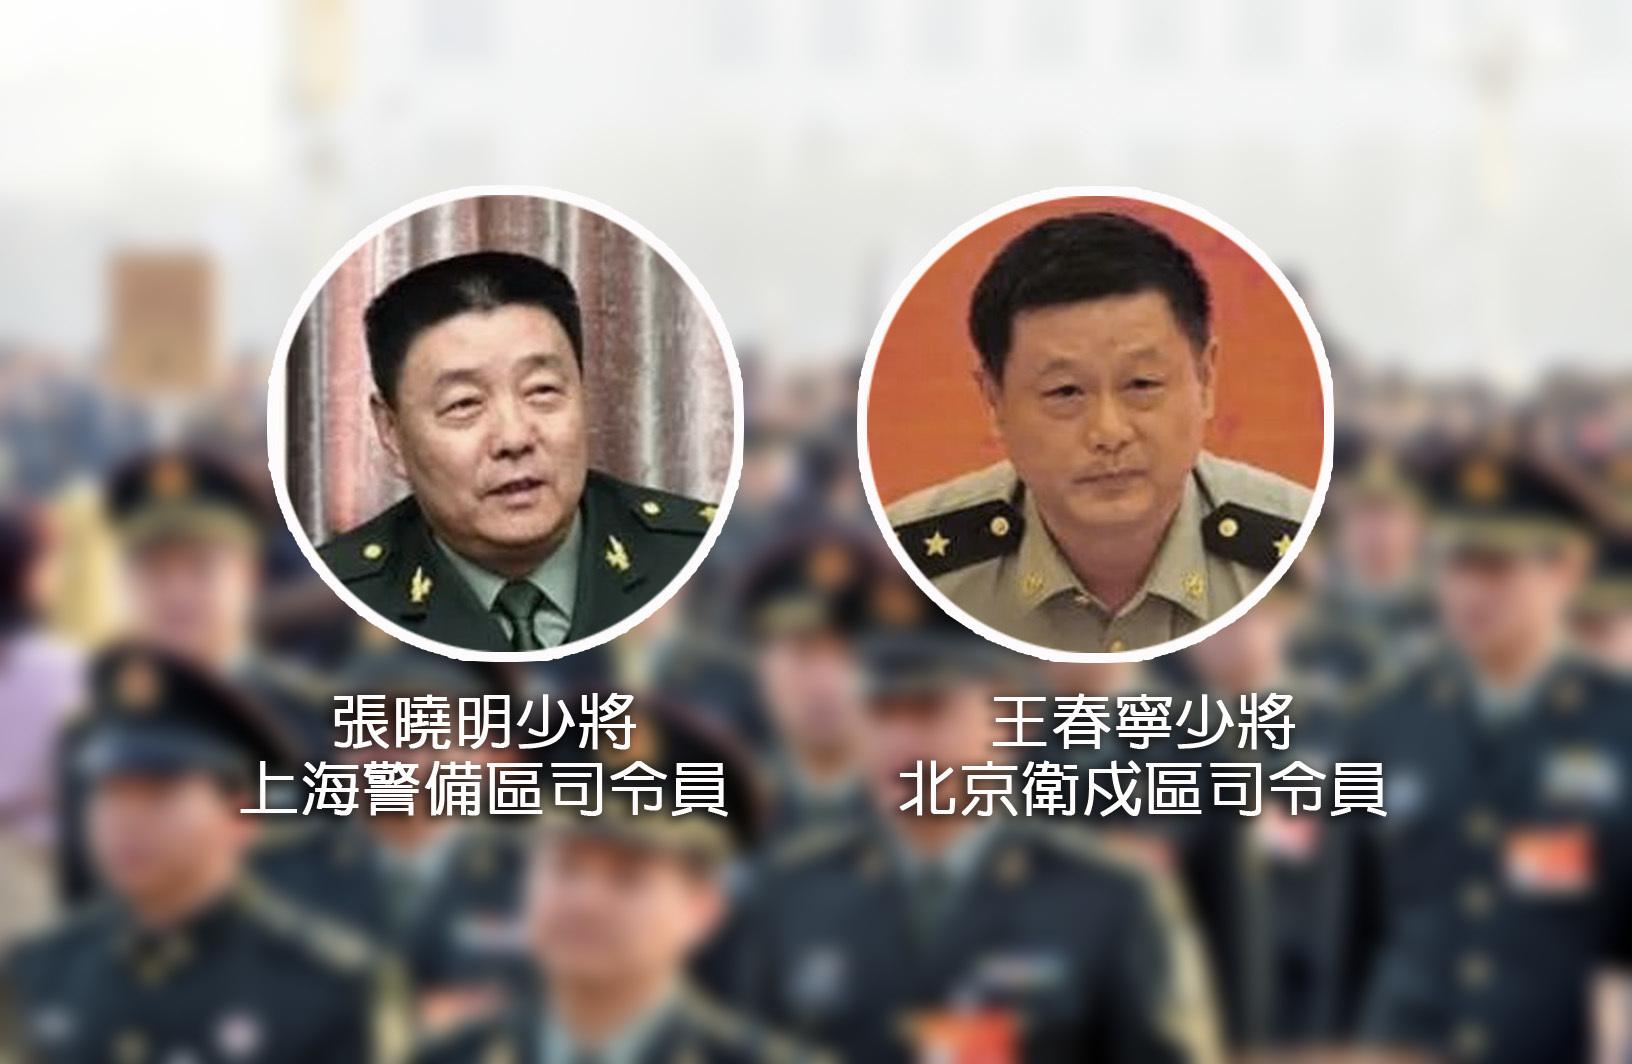 新任北京衞戍區司令員由原第12集團軍軍長王春寧少將接任,上海警備區司令員由原江西省軍區司令員張曉明少將接任。(大紀元製圖)